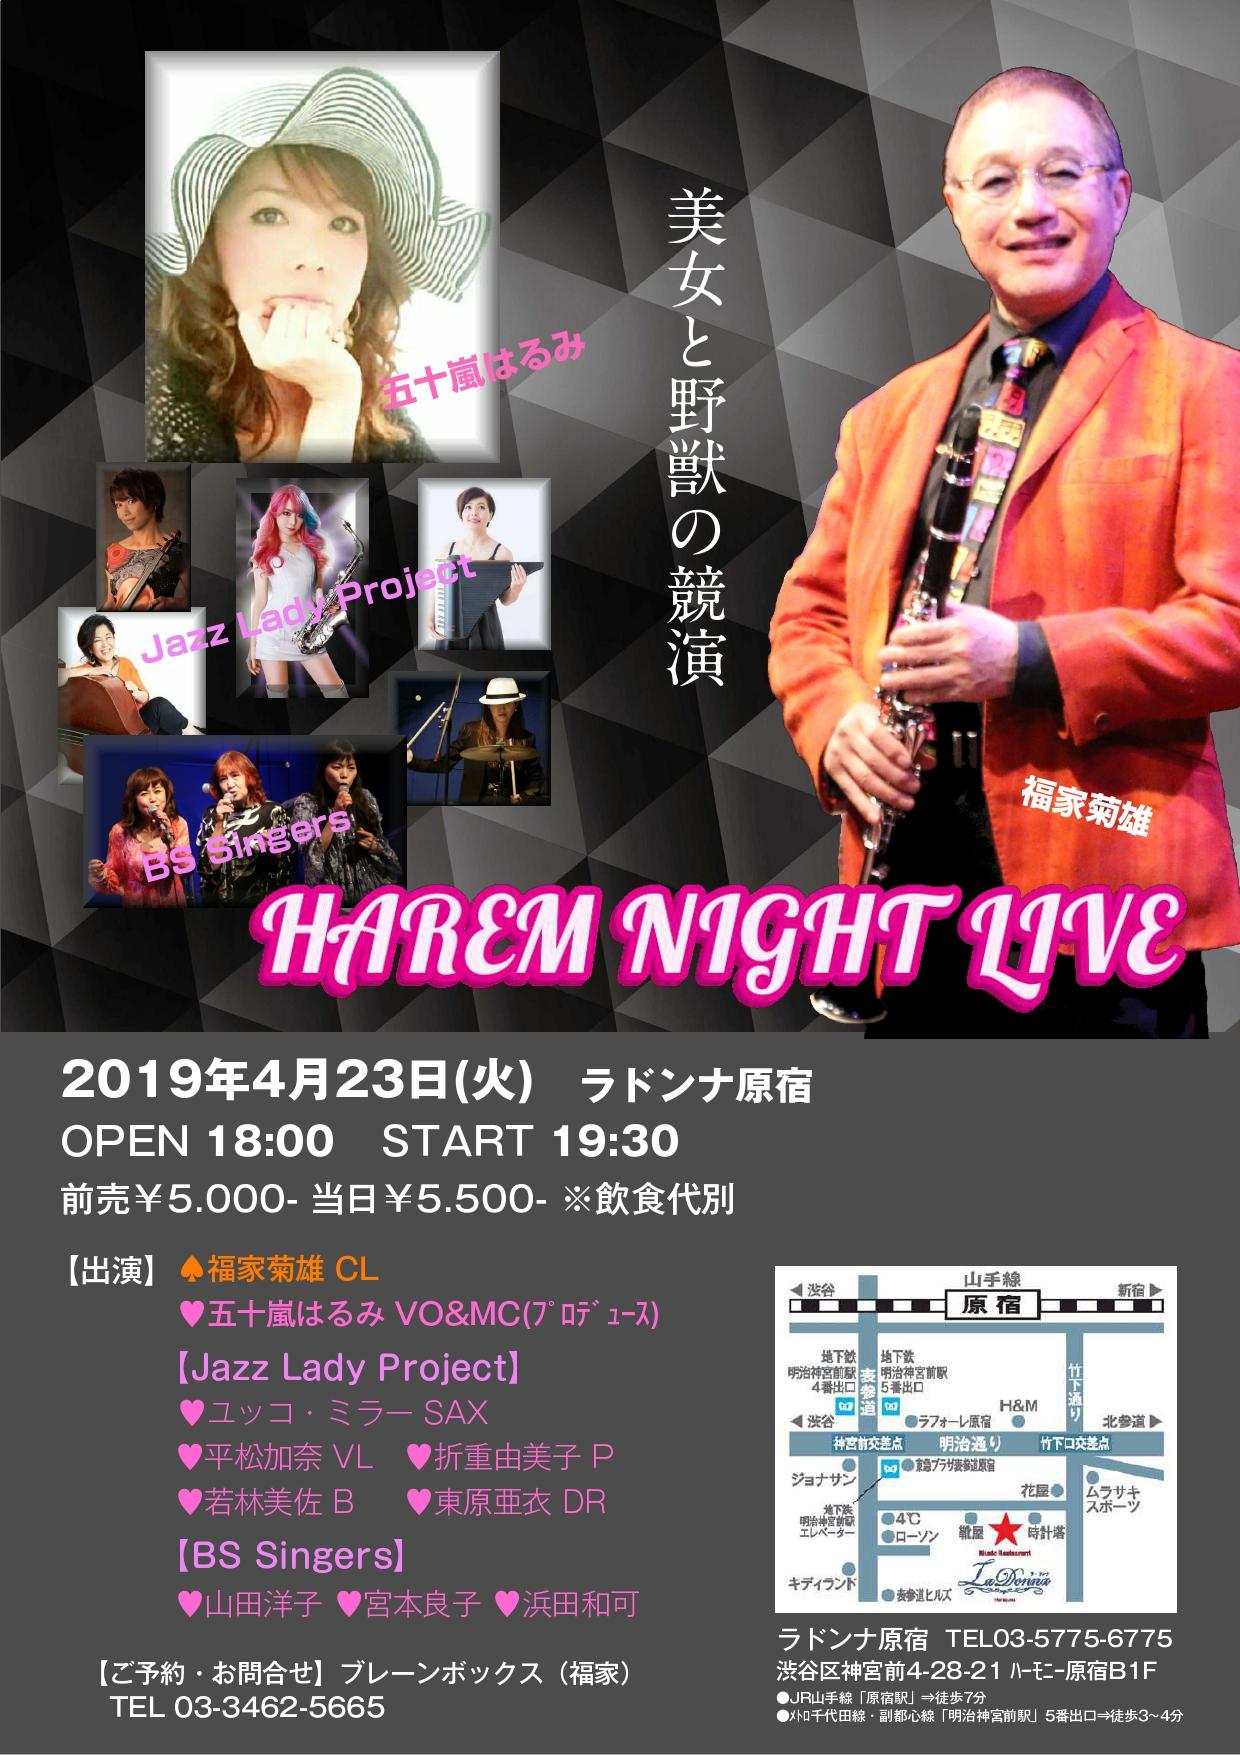 HAREM NIGHT LIVE 美女と野獣の競演